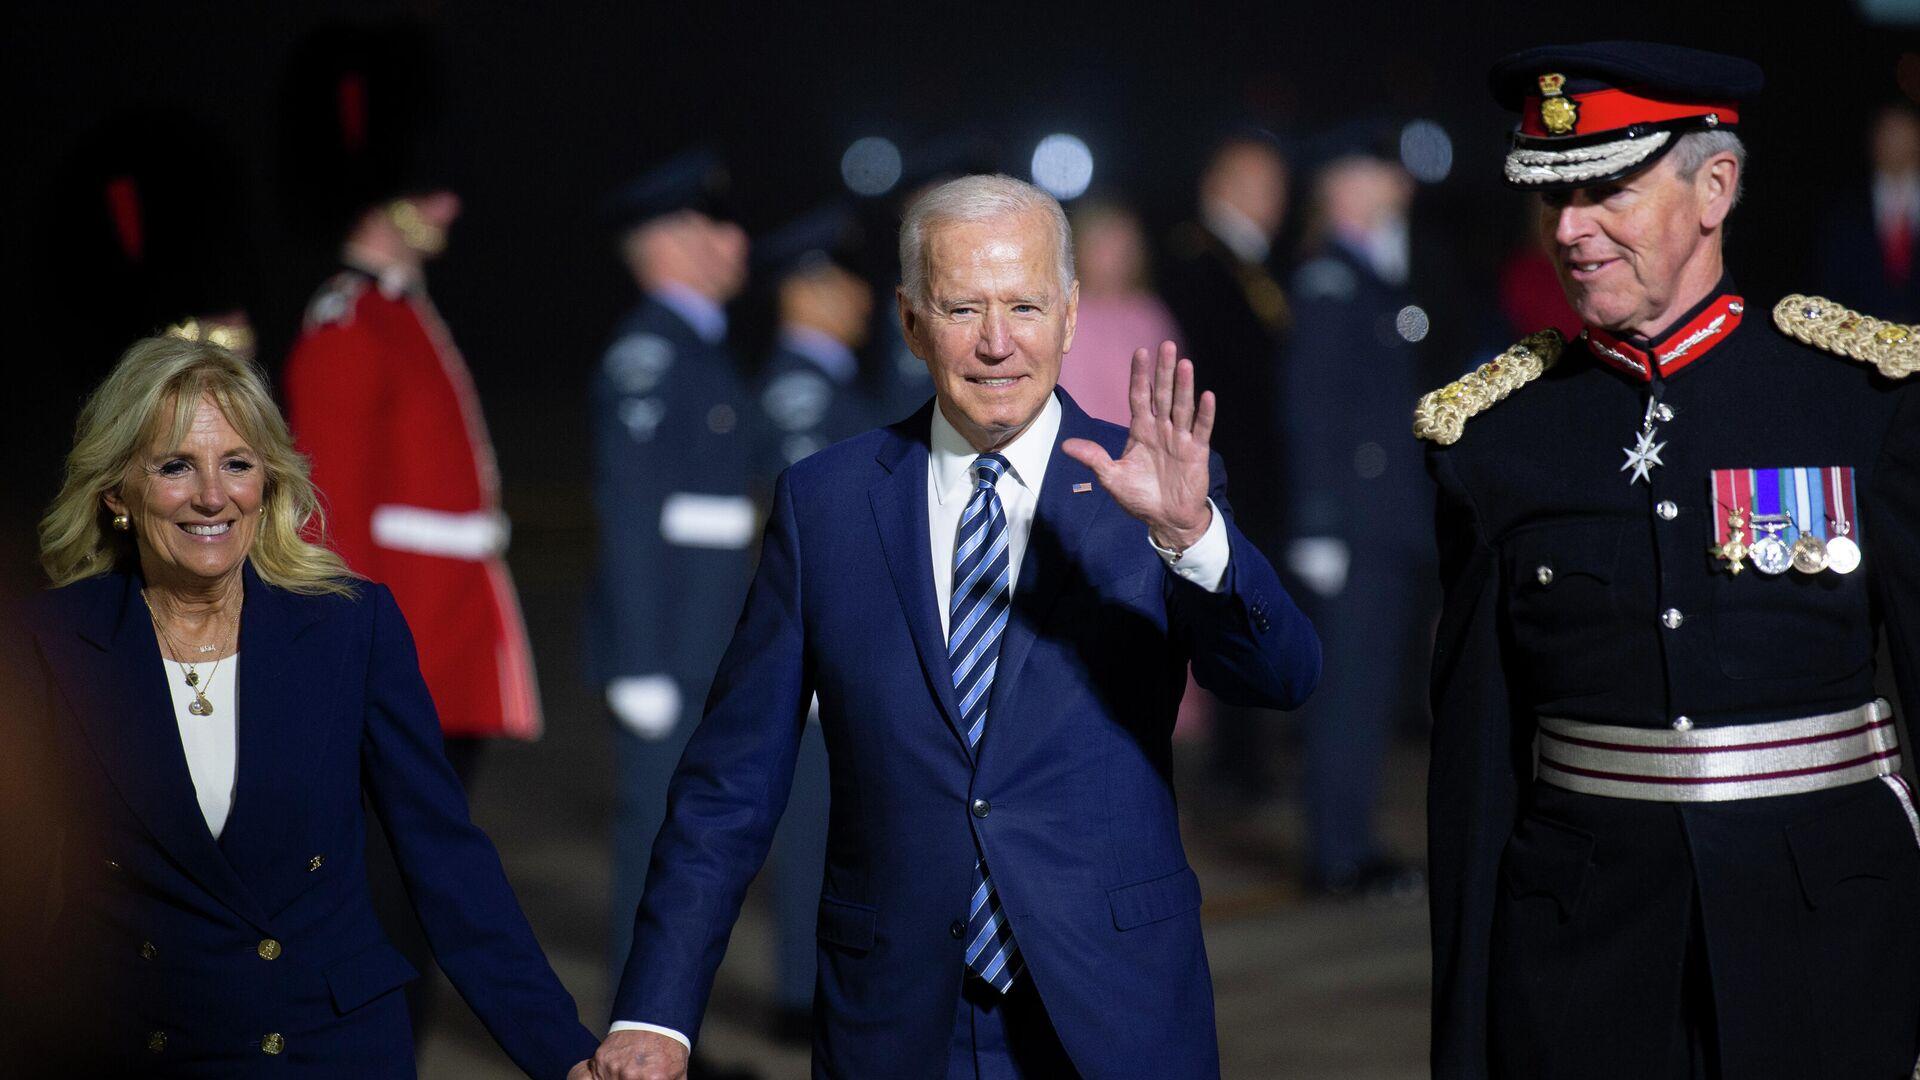 L'arrivo di Joe Biden e della First Lady Jill Biden al G7 della Cornovaglia - Sputnik Italia, 1920, 13.06.2021